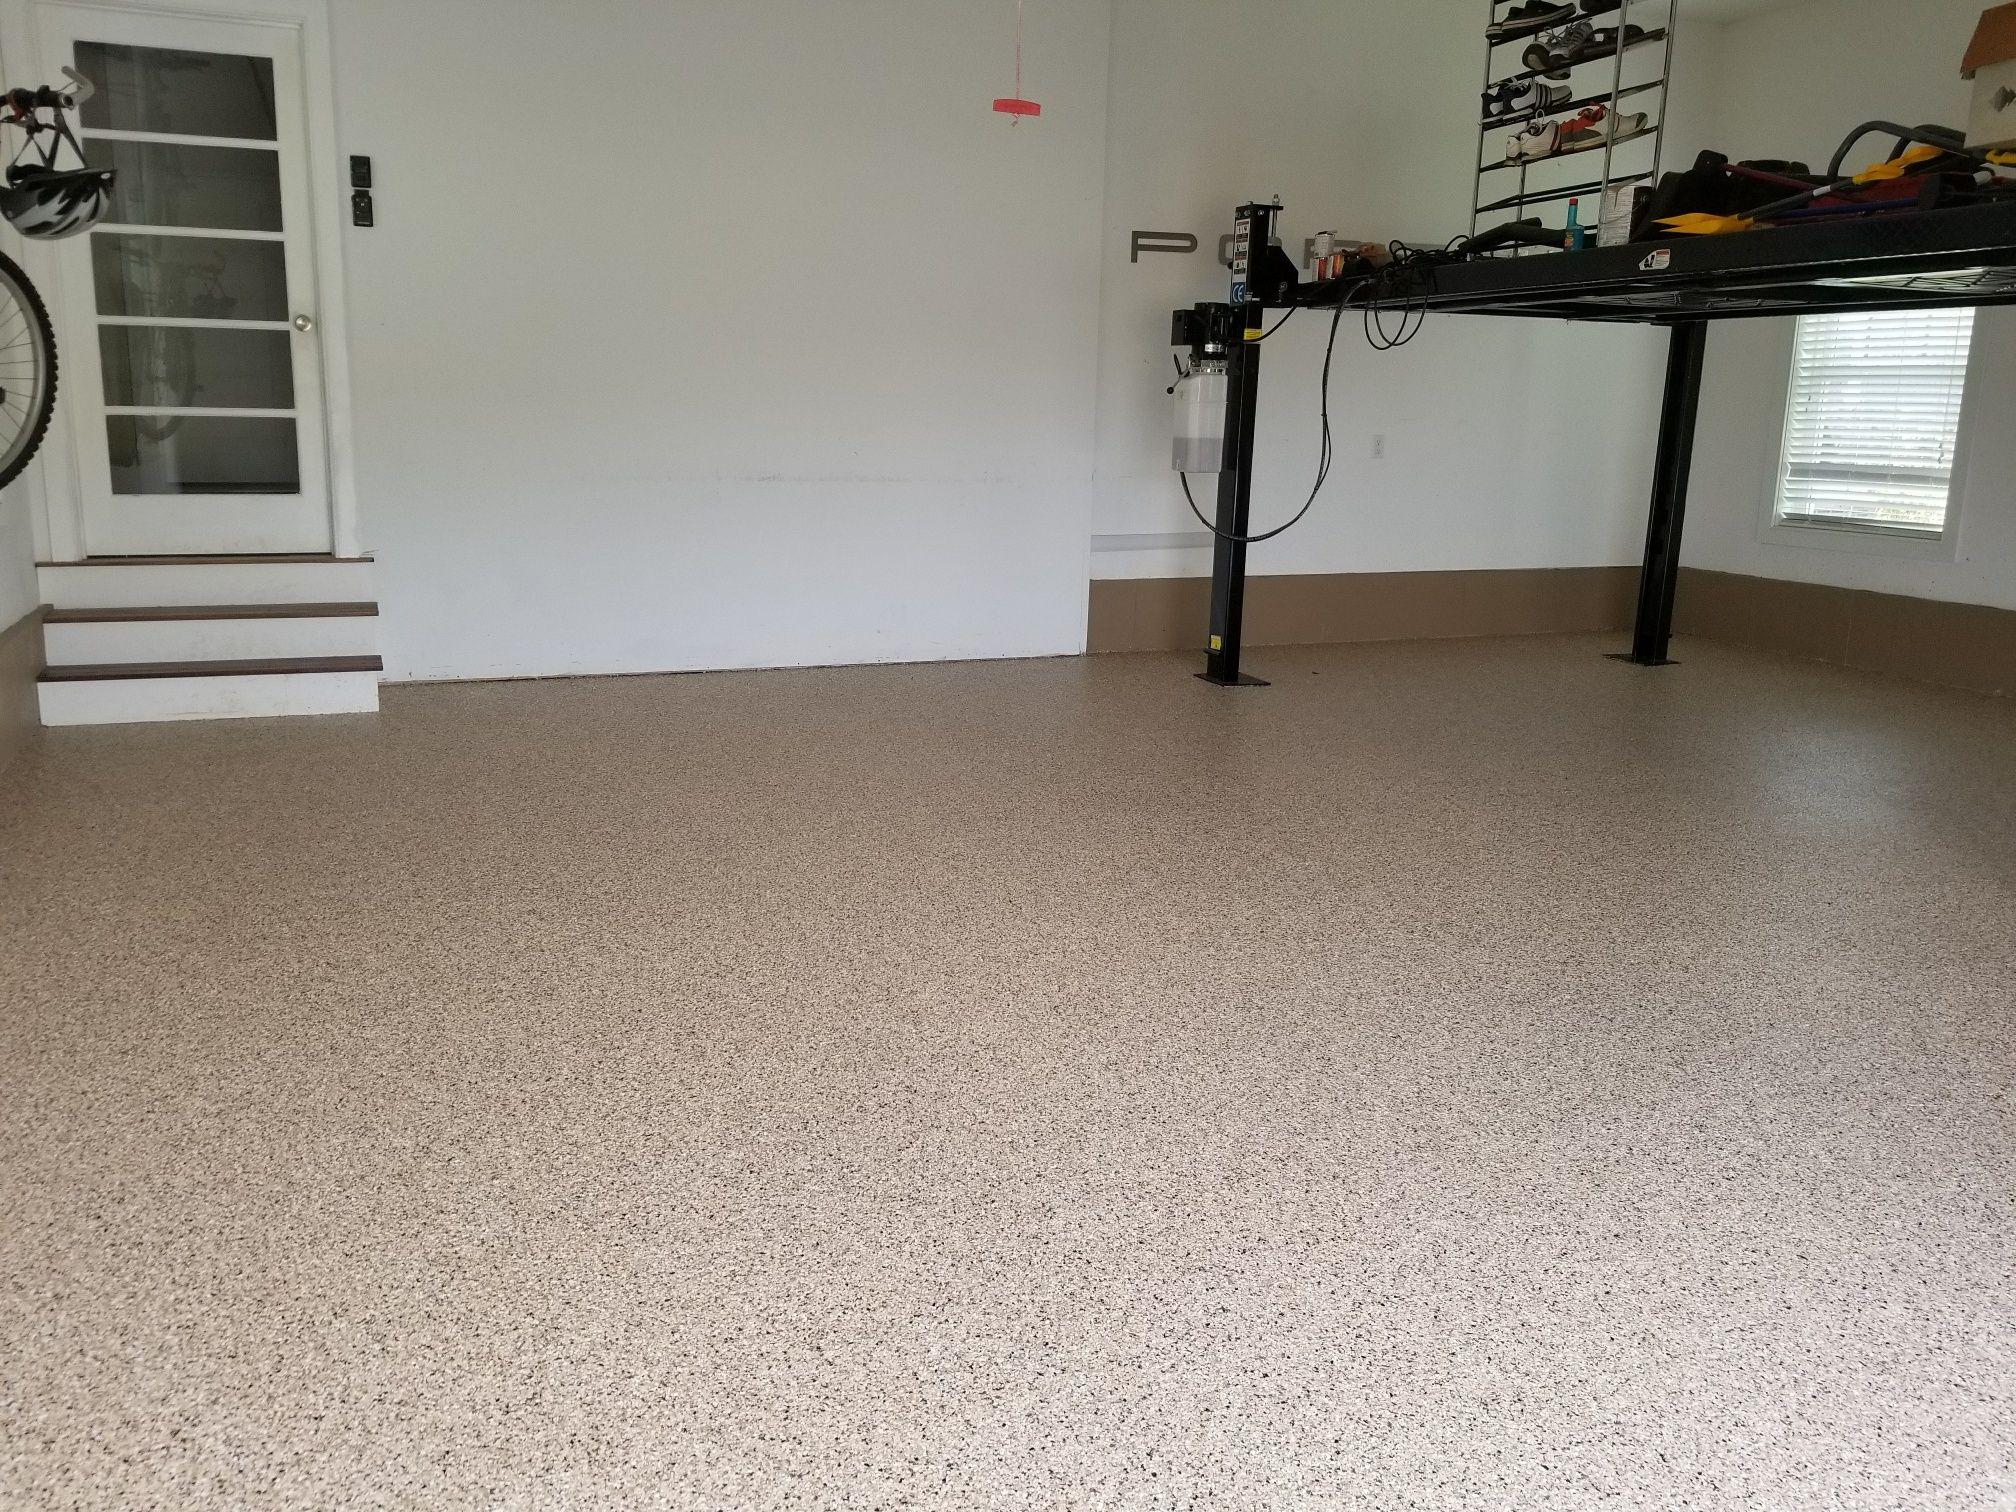 Garage Floor Coating Using Saddle Tan Myrtle Beach Sc Job Concrete Decor Garage Floor Coatings Floor Coating